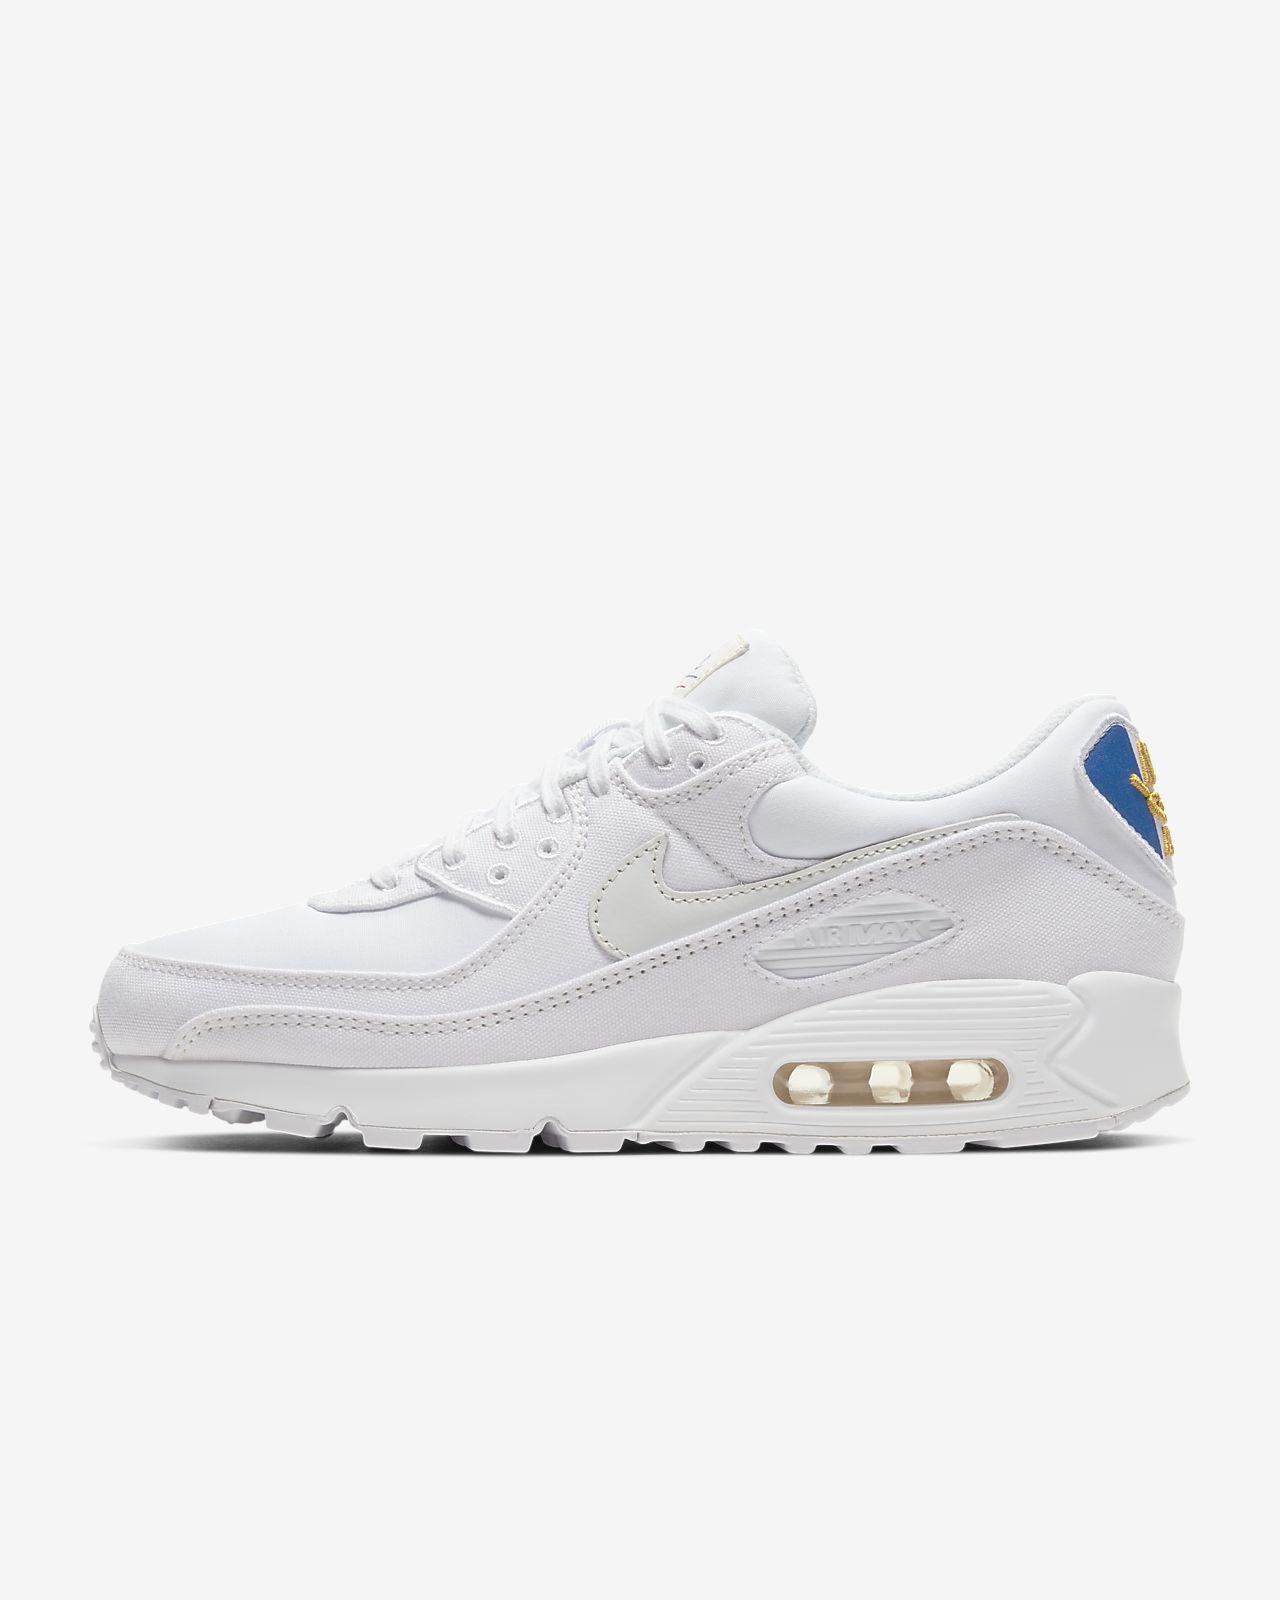 Sko Nike Air Max 90 Premium